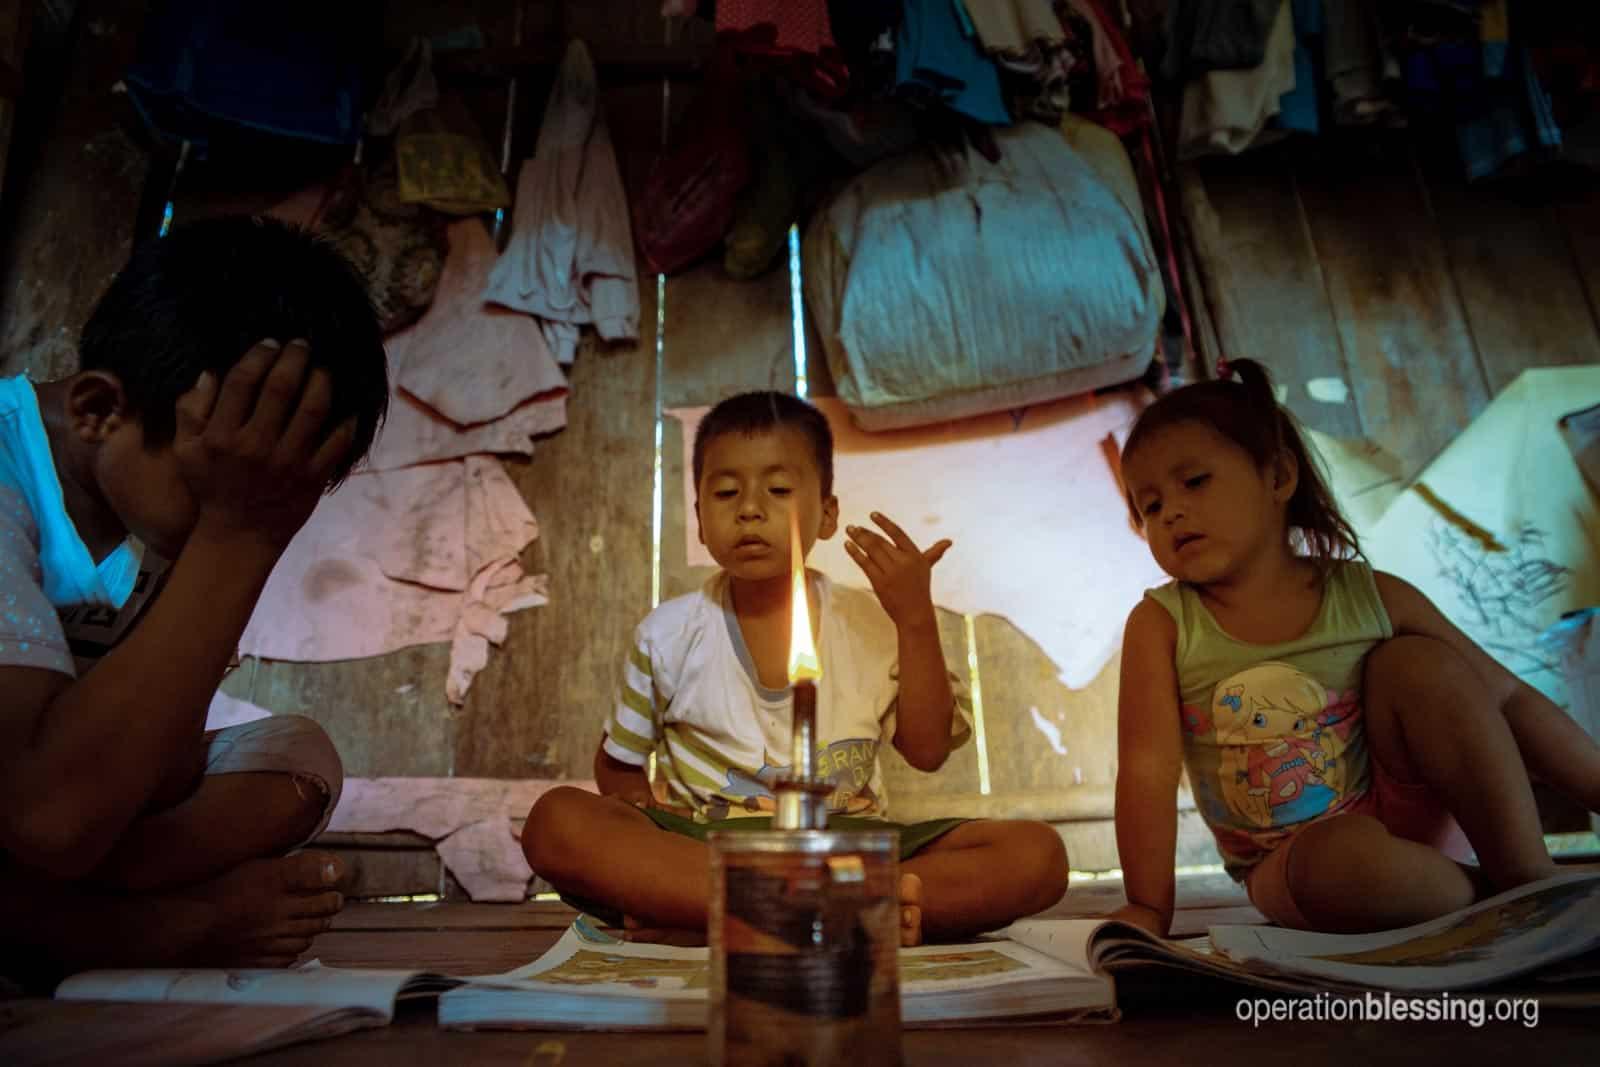 Doing homework by dangerous lamp light.